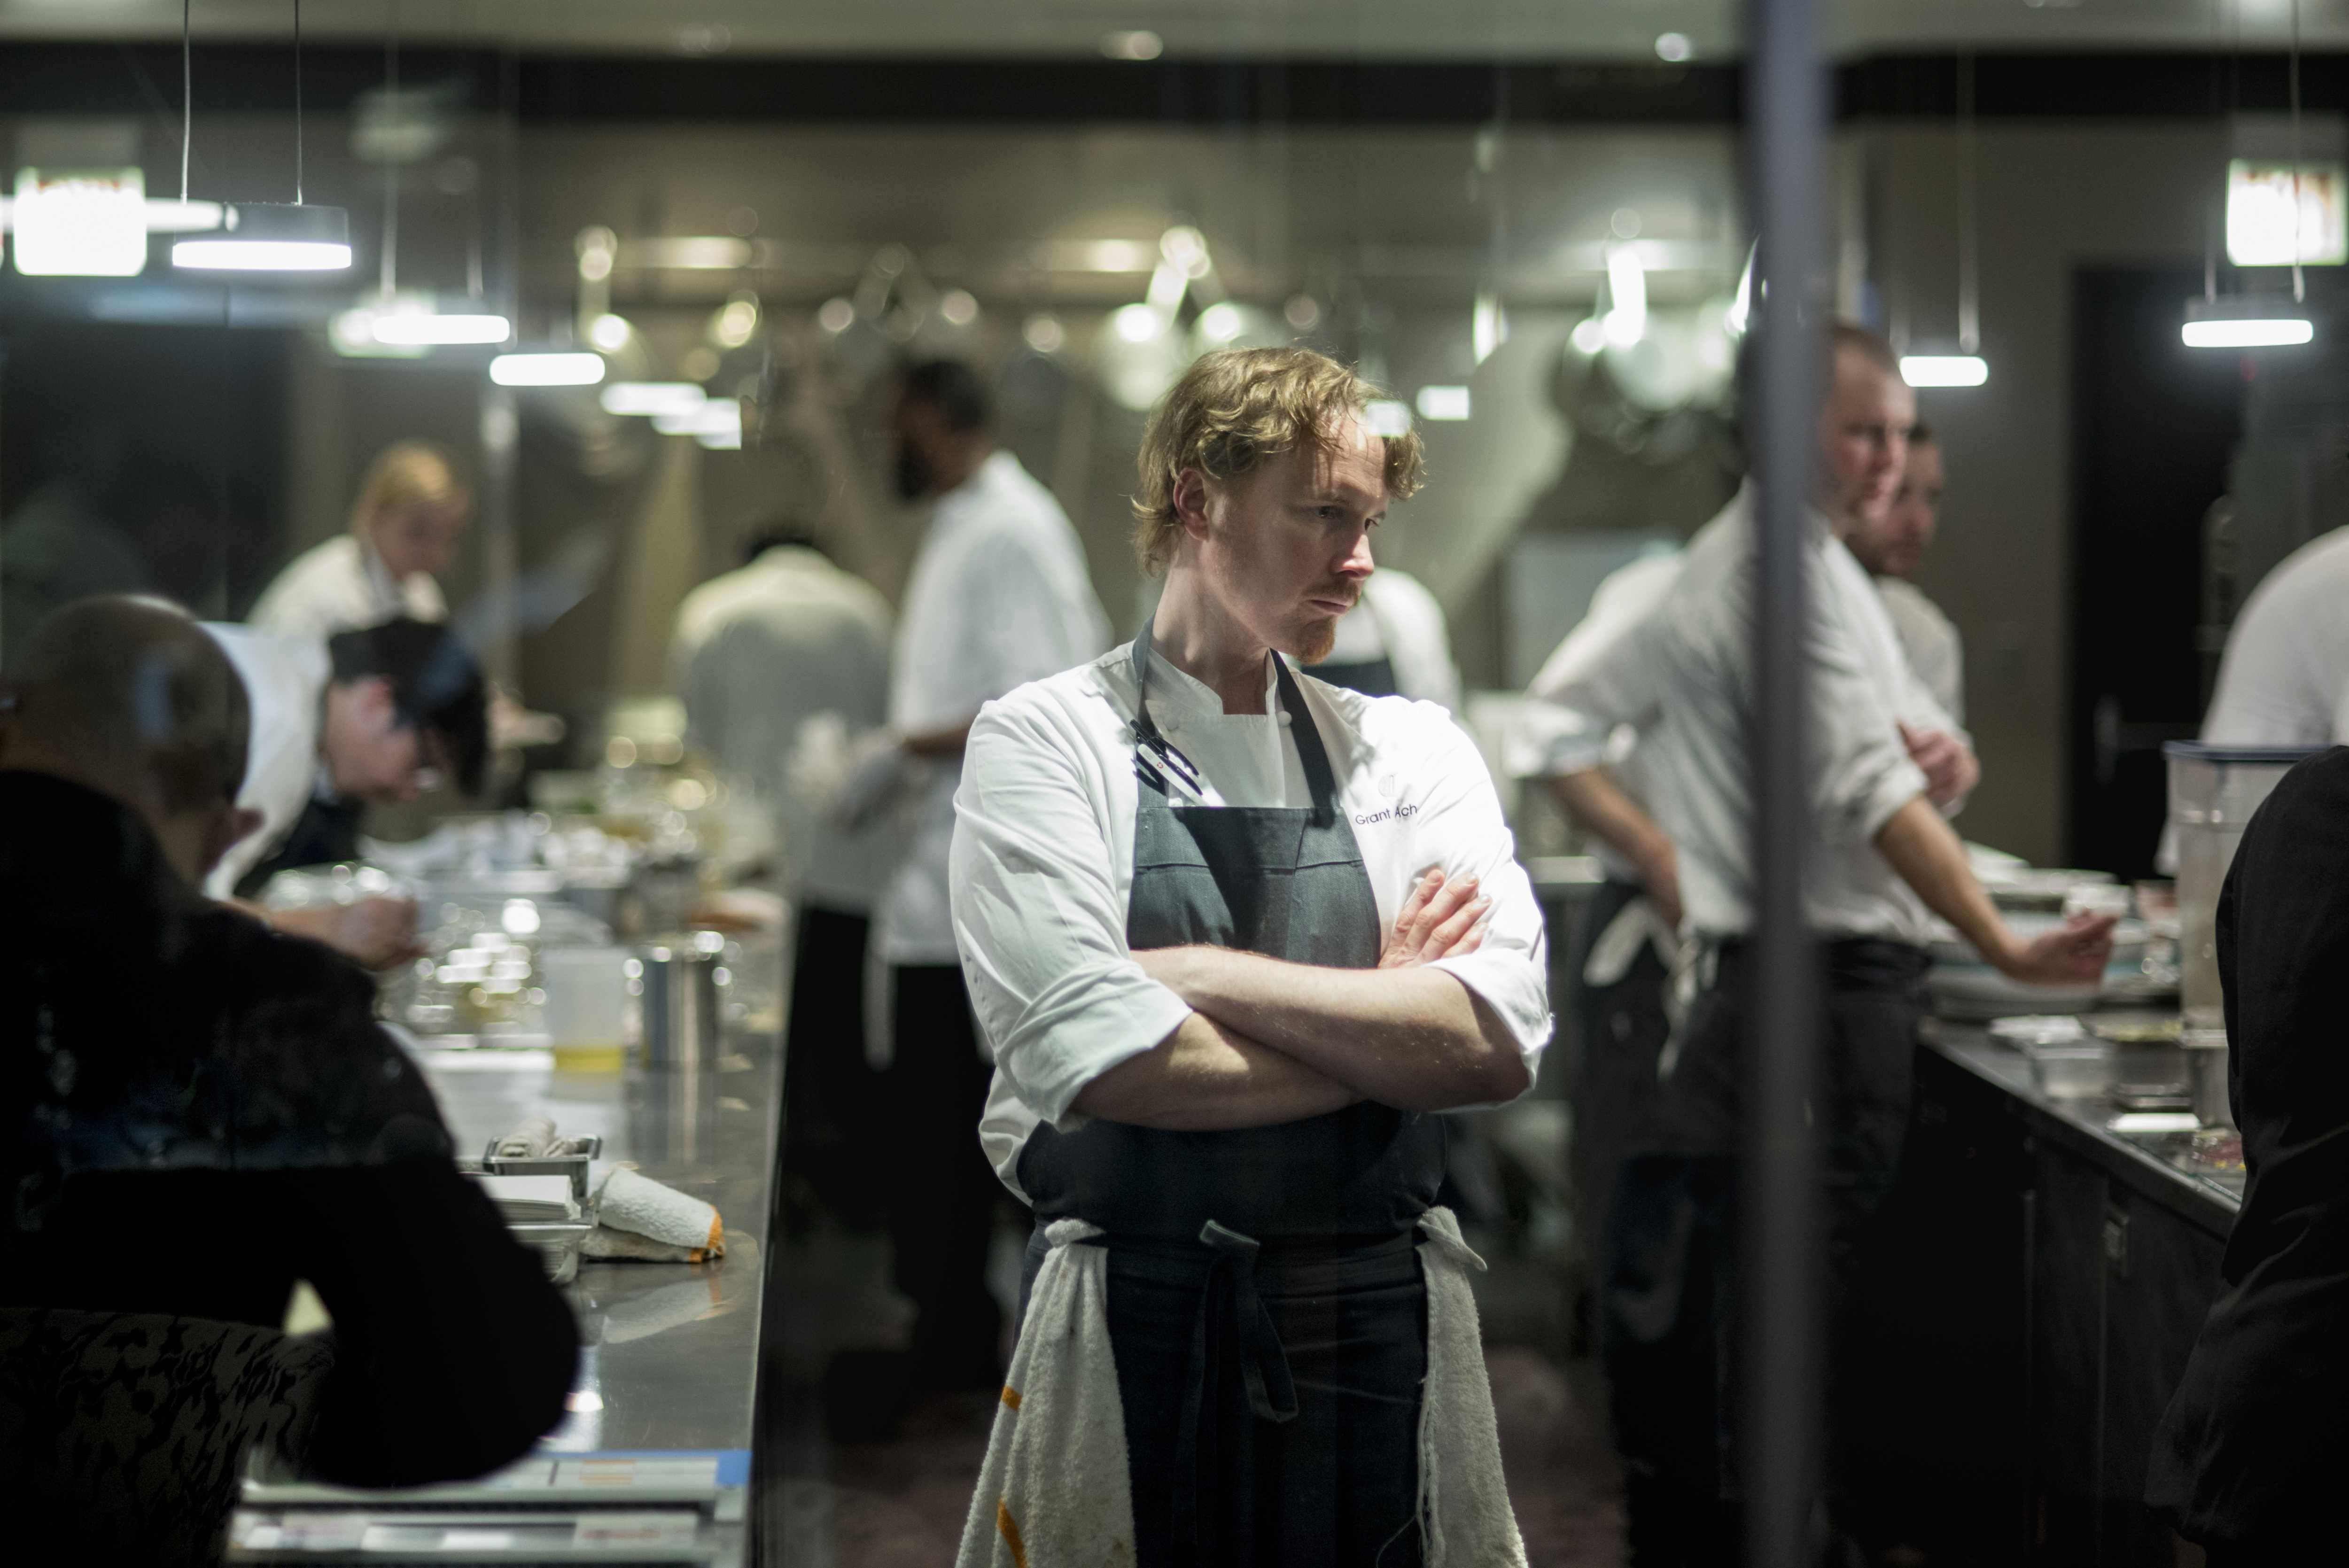 Šéfkuchař doporučuje: pět nejlepších restaurací vNew Yorku